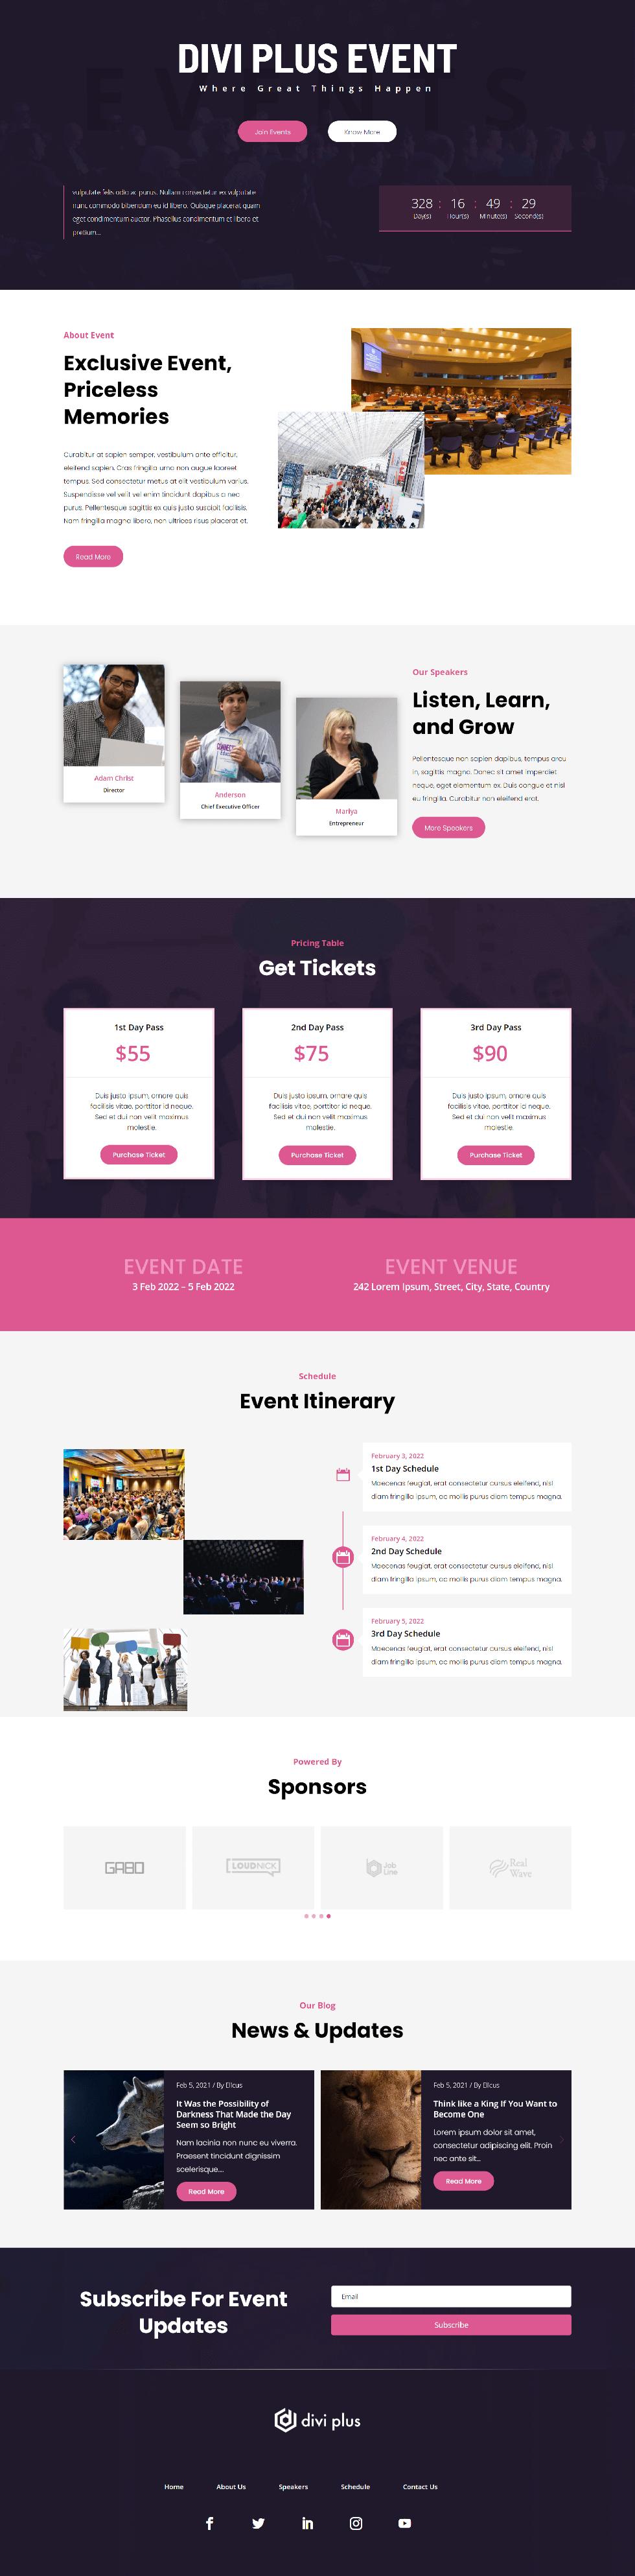 Divi Plus Event 2 Image